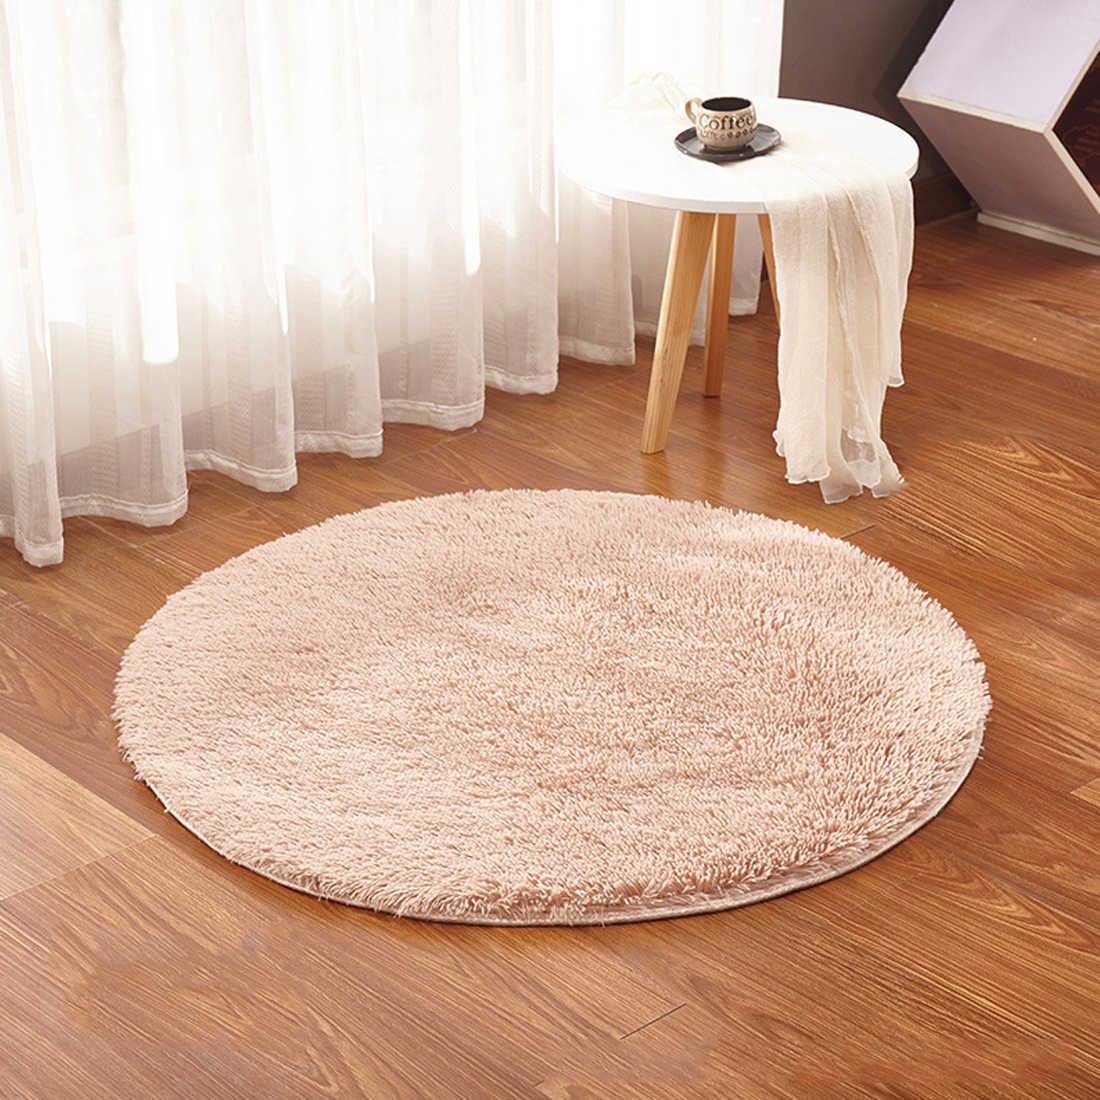 Мягкая гостиная пушистый круглый коврик ковер для килим искусственного меха ковер для детской комнаты длинные плюшевые ковры для спальни мохнатый ковер